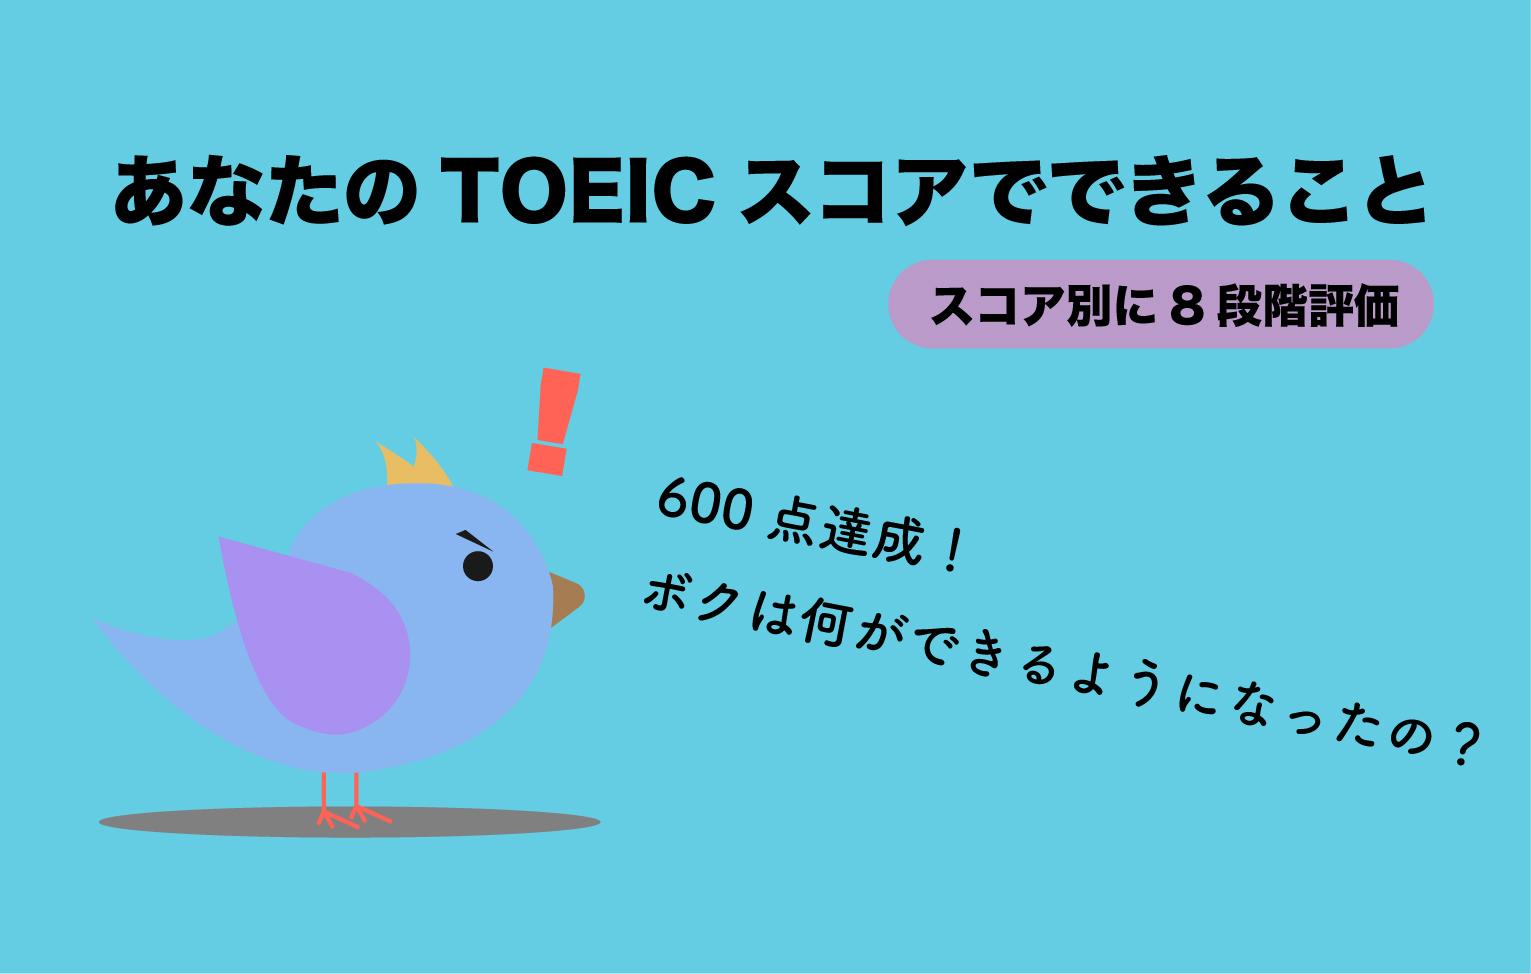 TOEICのスコアから見る英語レベルは?【目指すスコアが分かります】